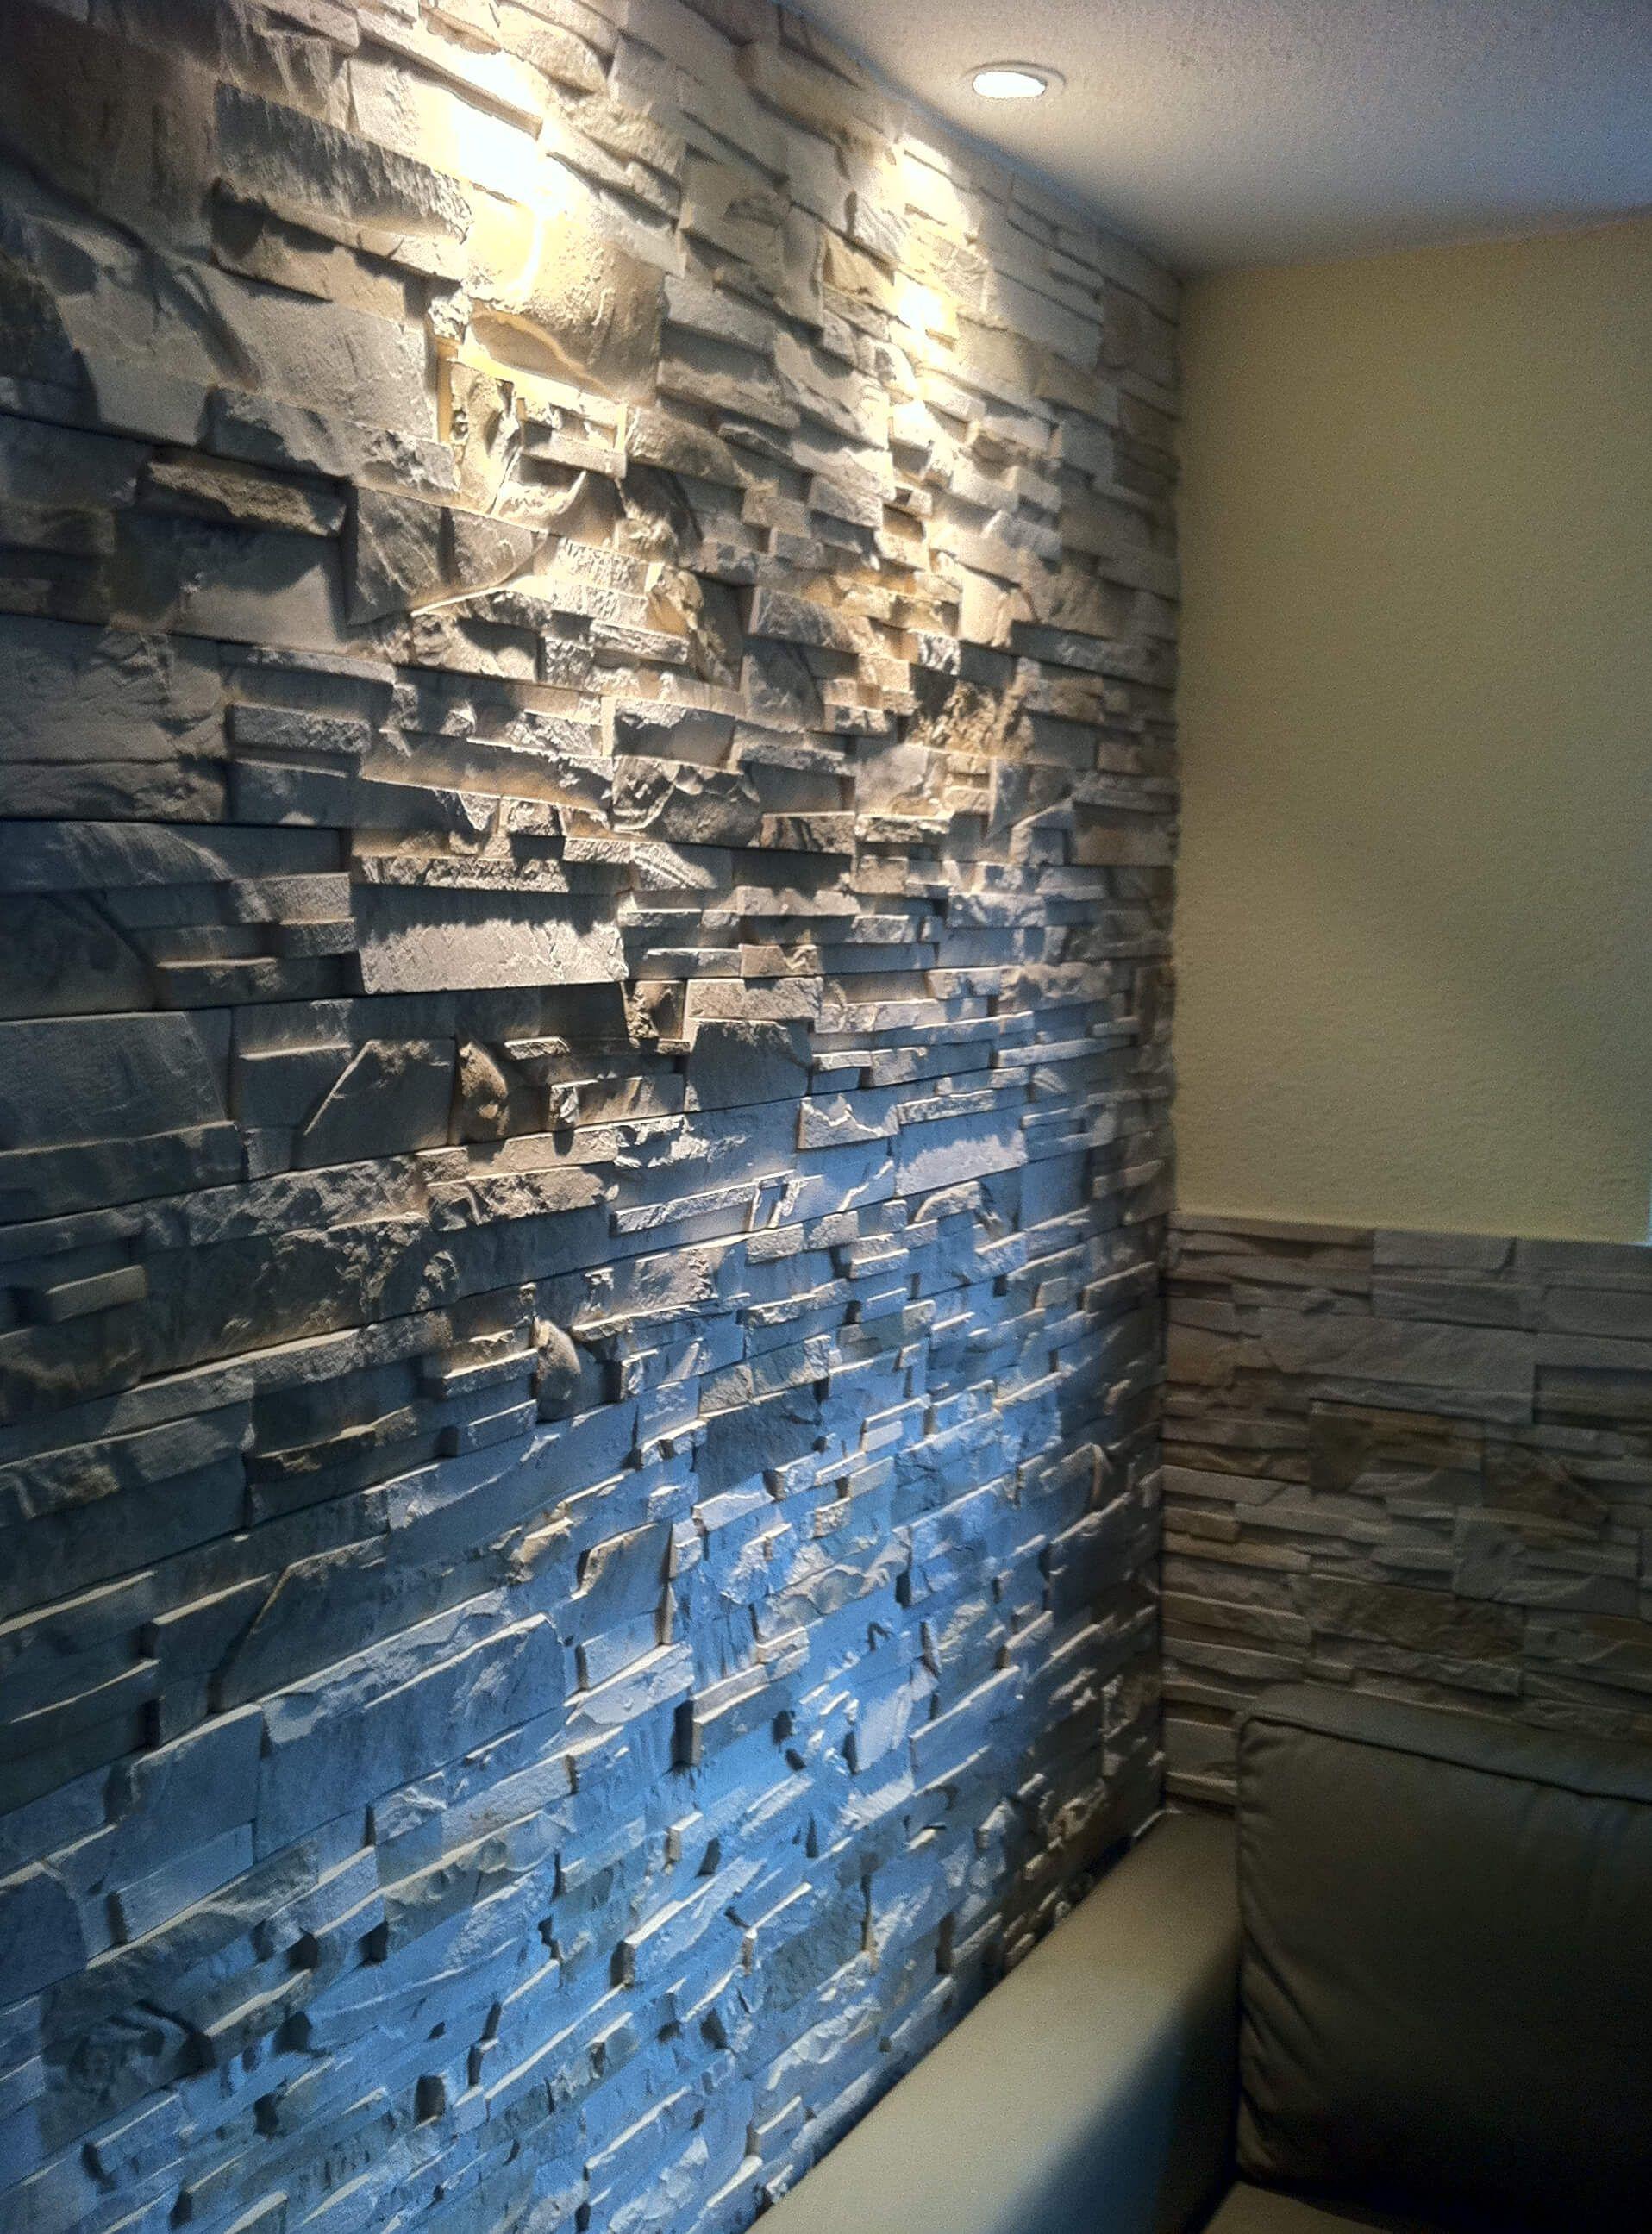 Krattli Plattenbelage Domat Ems Region Graubunden Plattenleger Plattenbelage Unterhalt Handwerker Graubunden Gebaude